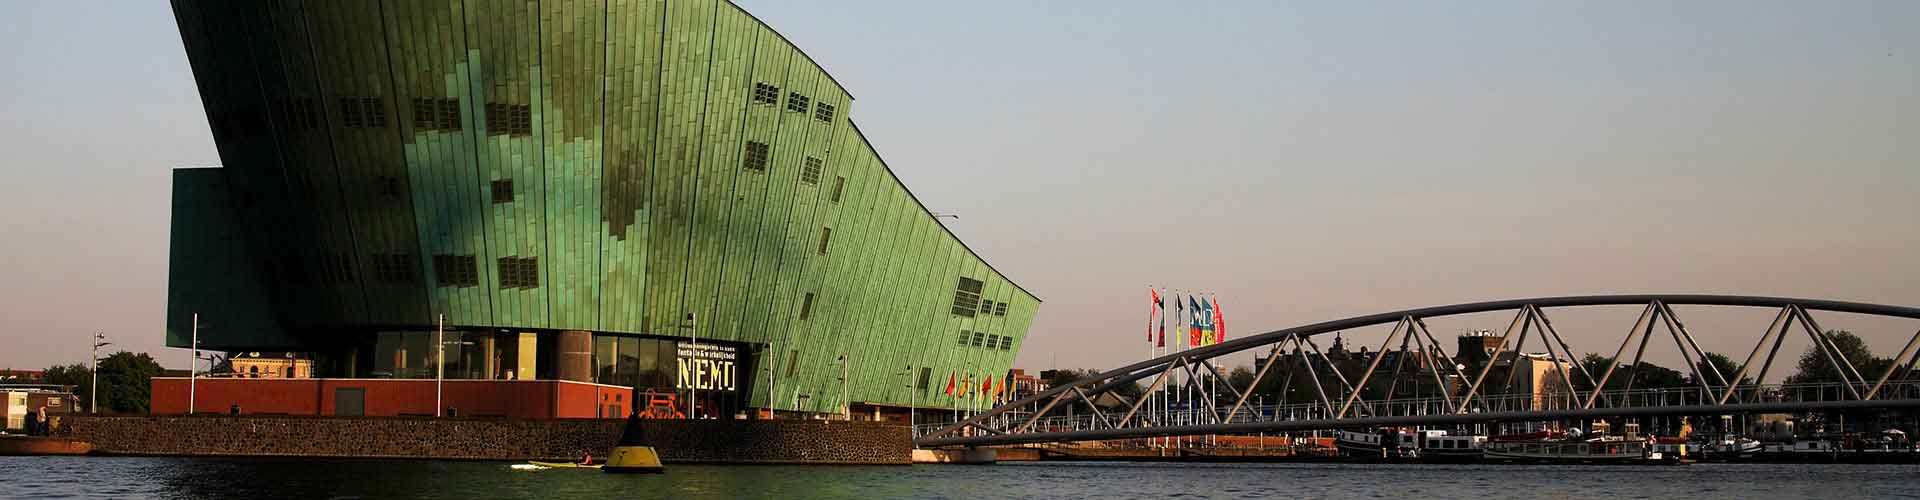 Amsterdam - Hôtels près de NEMO. Cartes pour Amsterdam, photos et commentaires pour chaque Hôtel à Amsterdam.